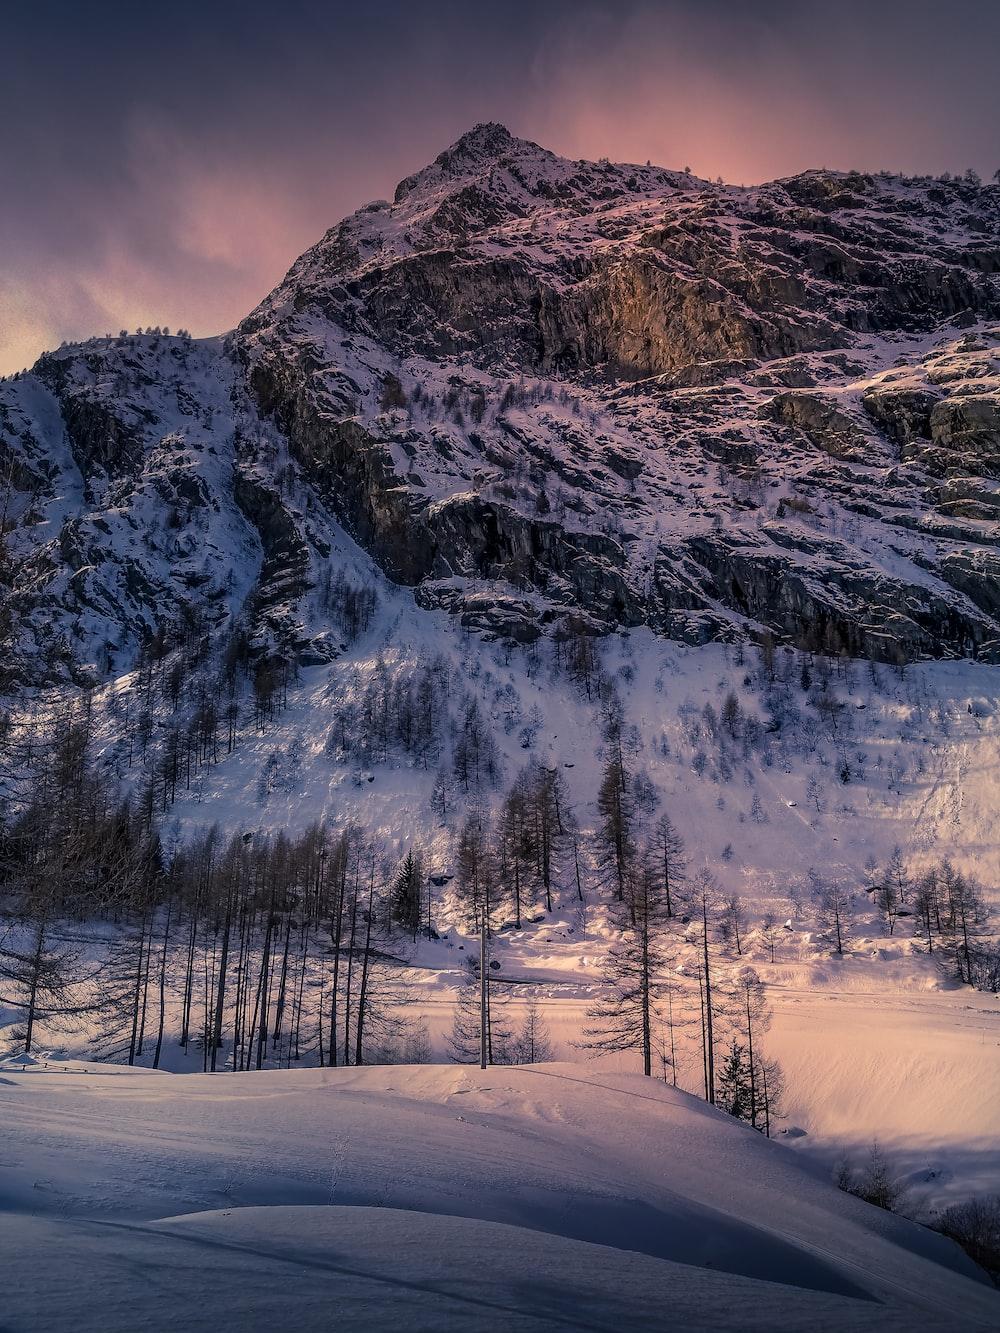 white mountain near trees